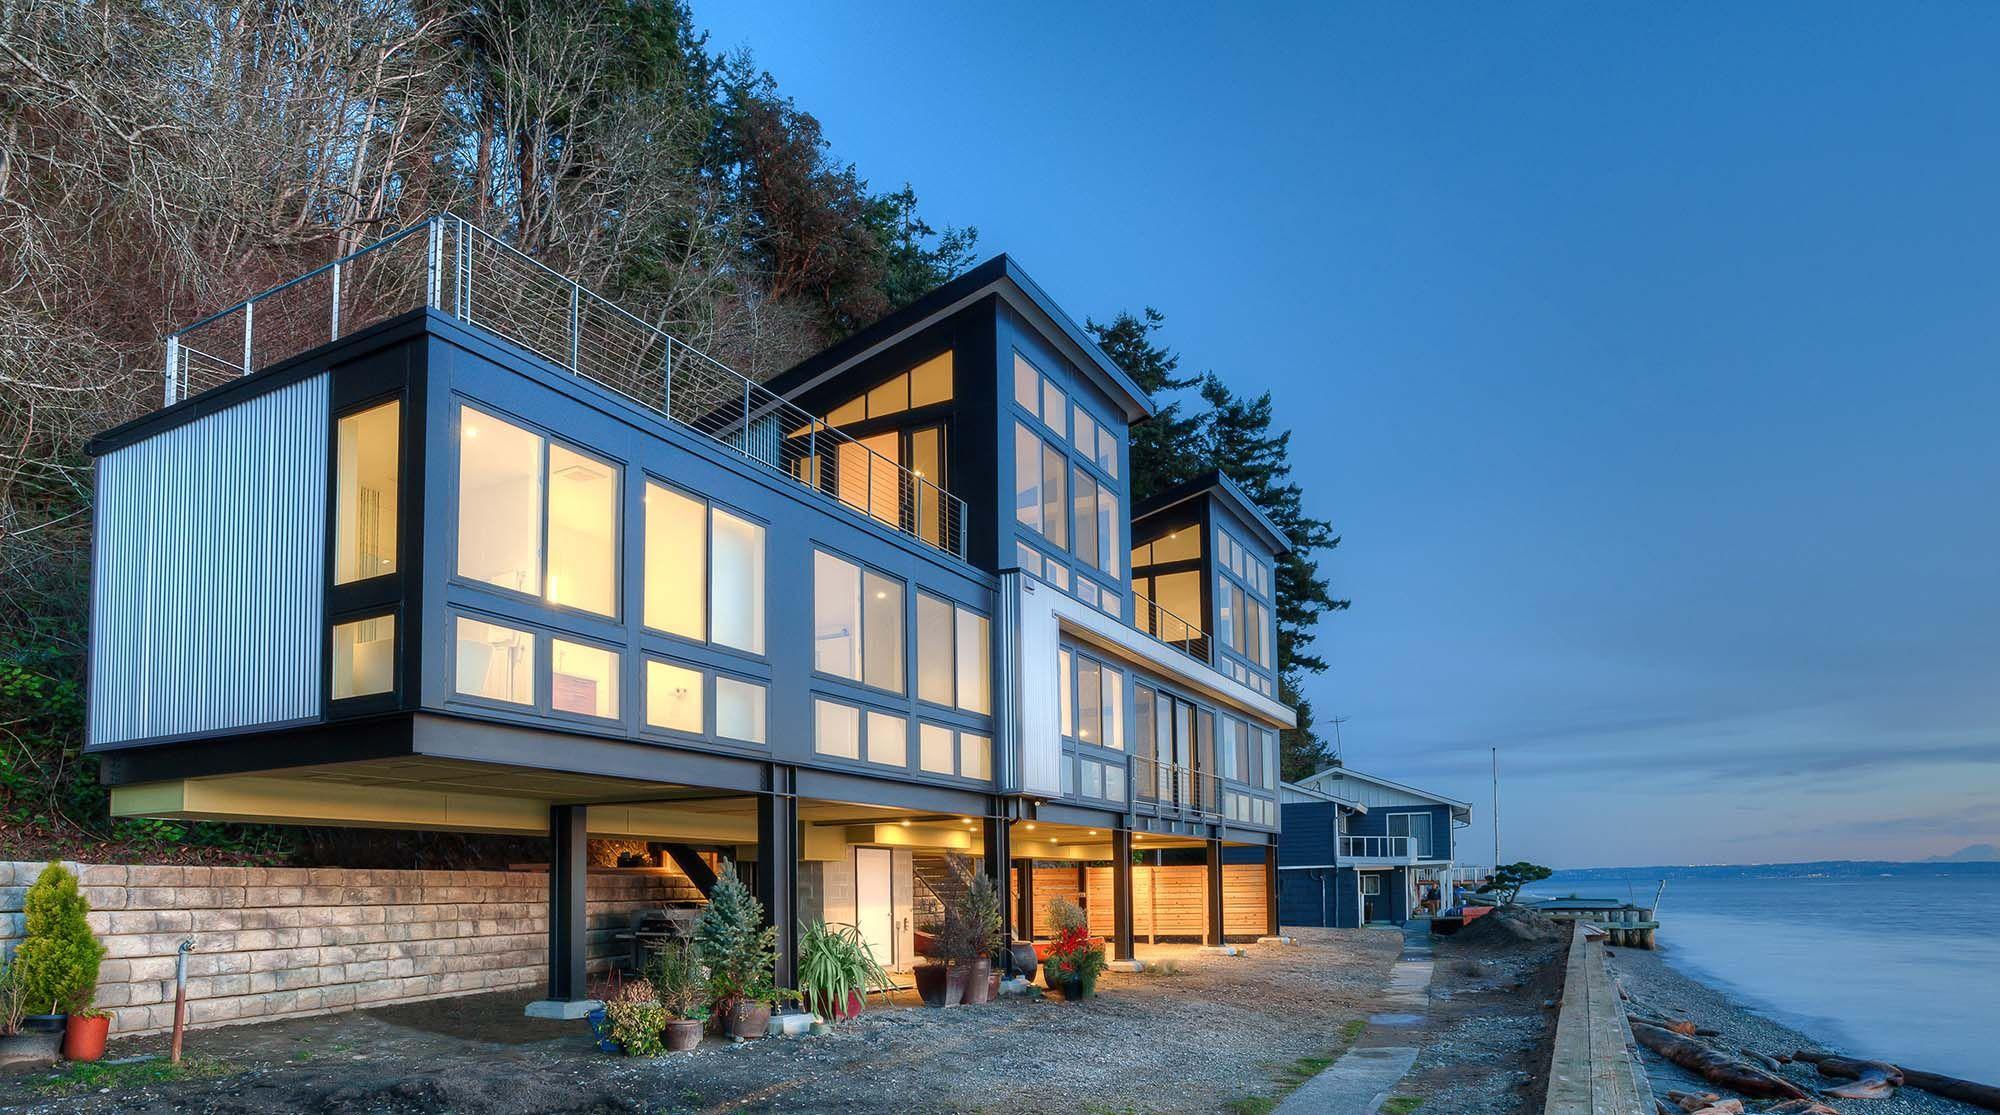 5 Rumah Panggung Modern untuk Inspirasi Bangun Rumah